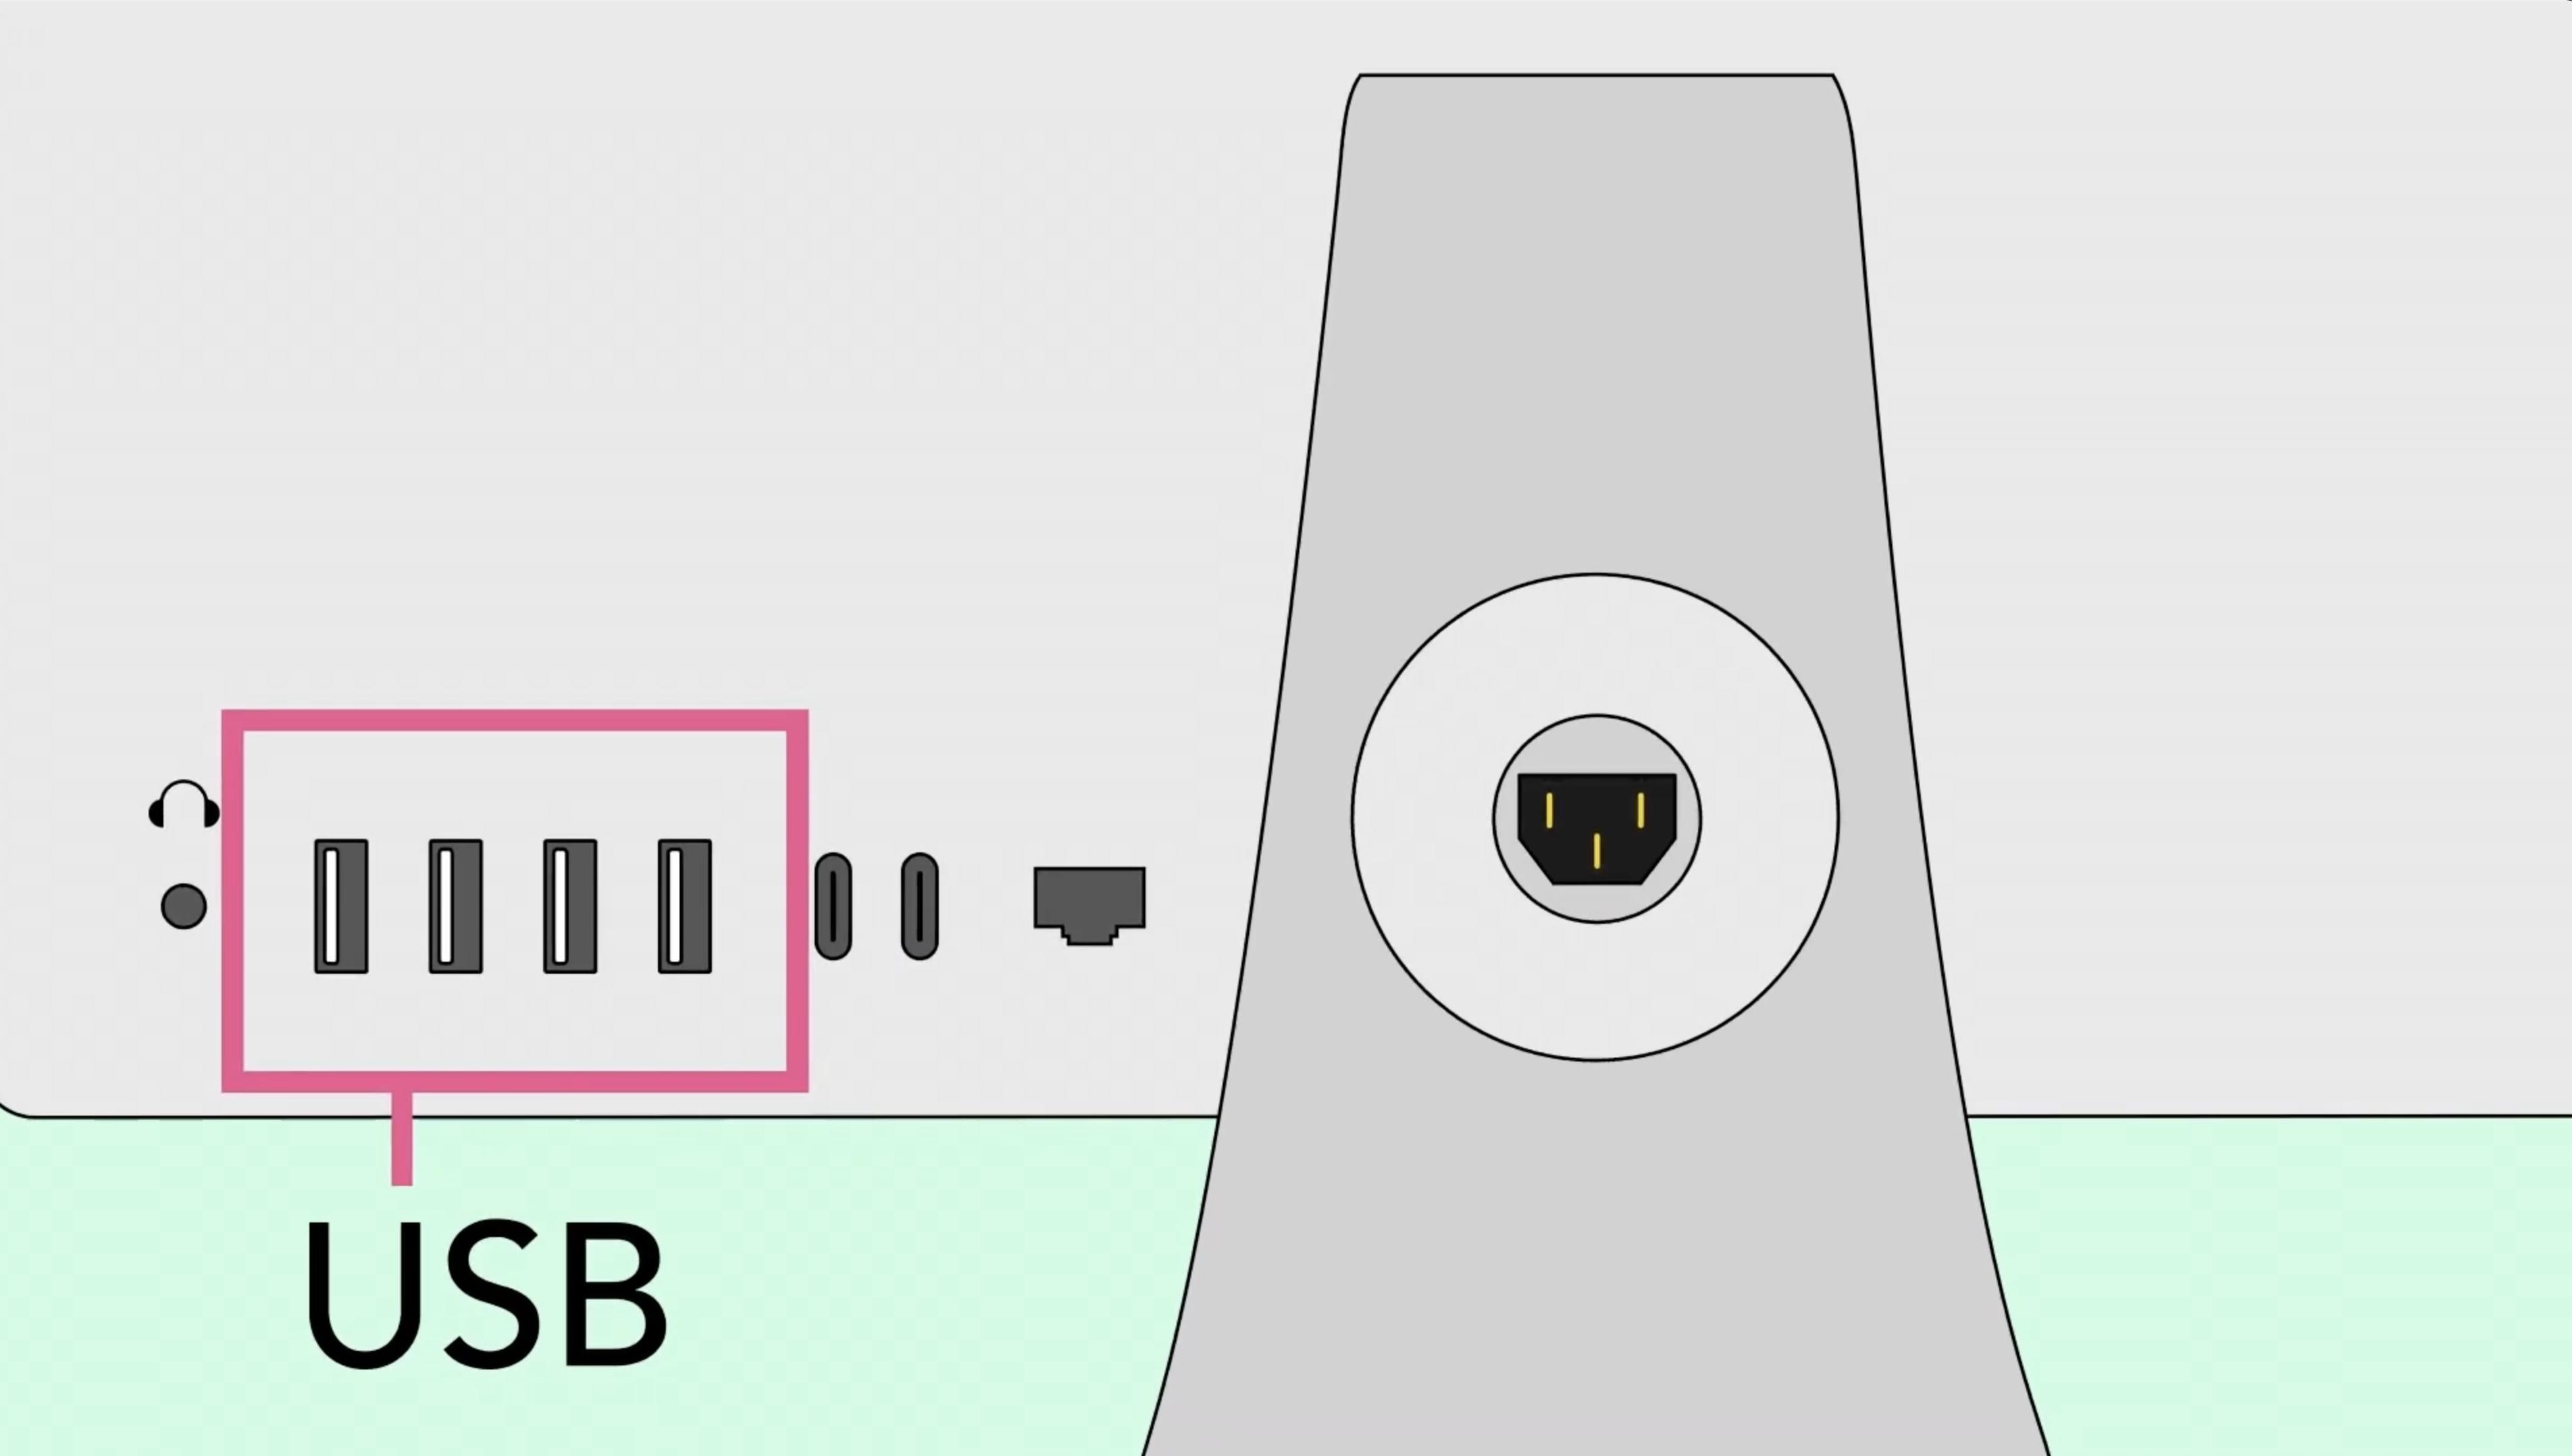 As entradas USB de um computador